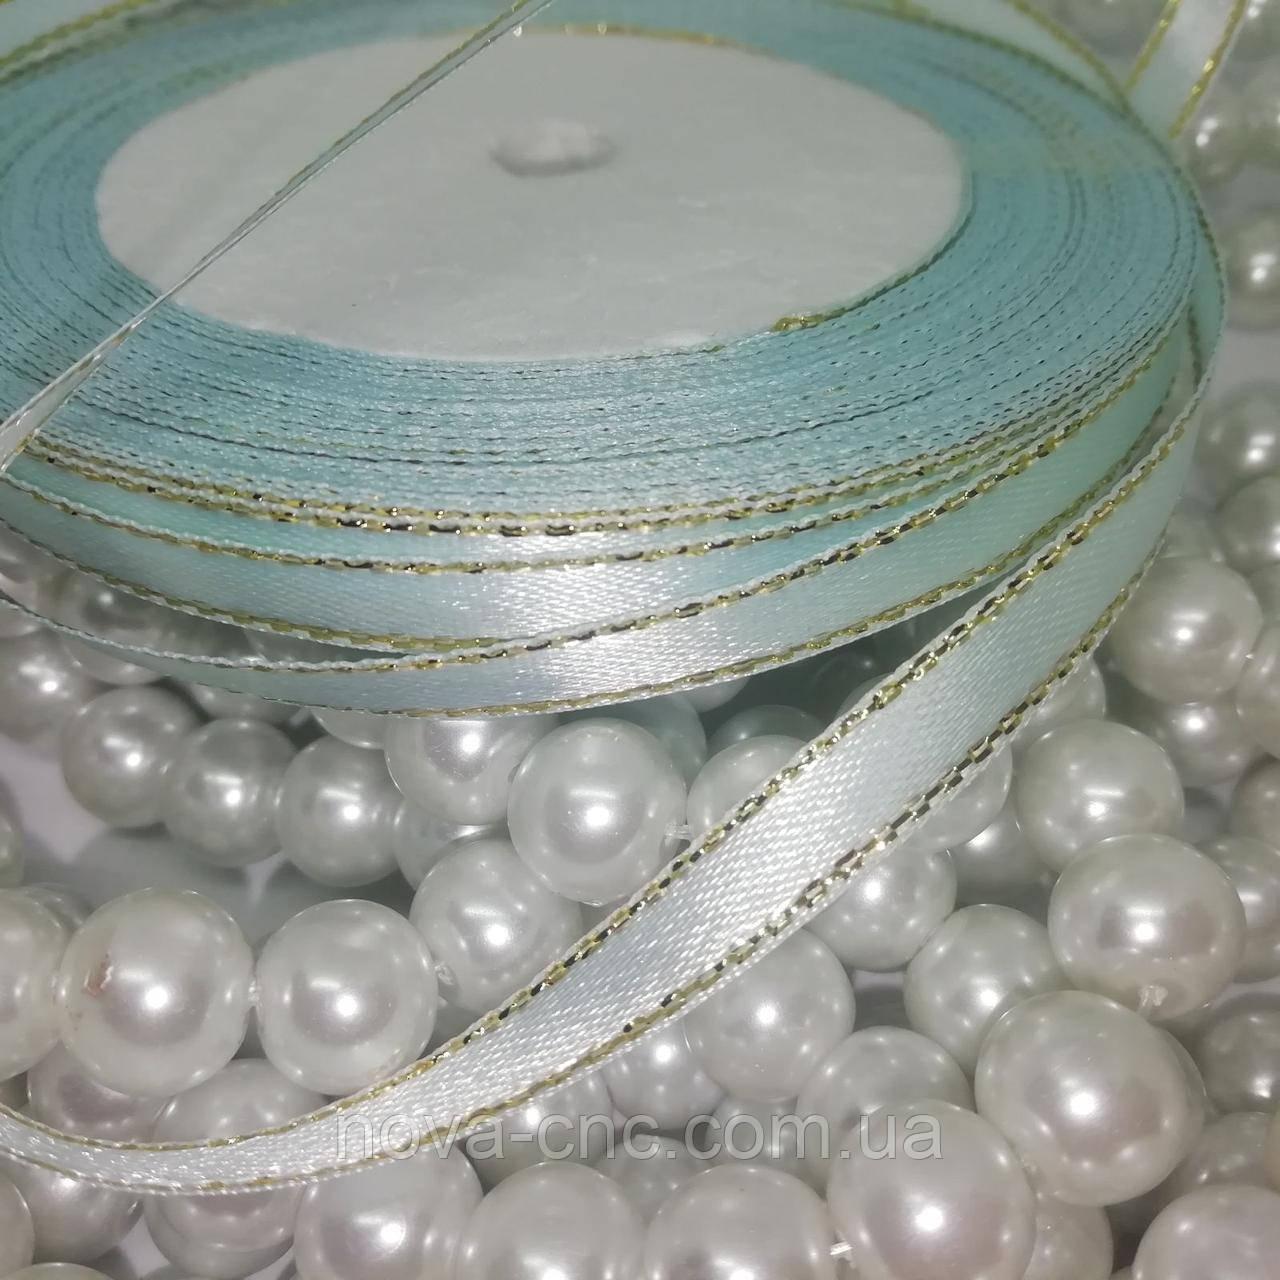 Стрічки атлас з люрексом Колір блідо-блакитний 6 мм 23 м